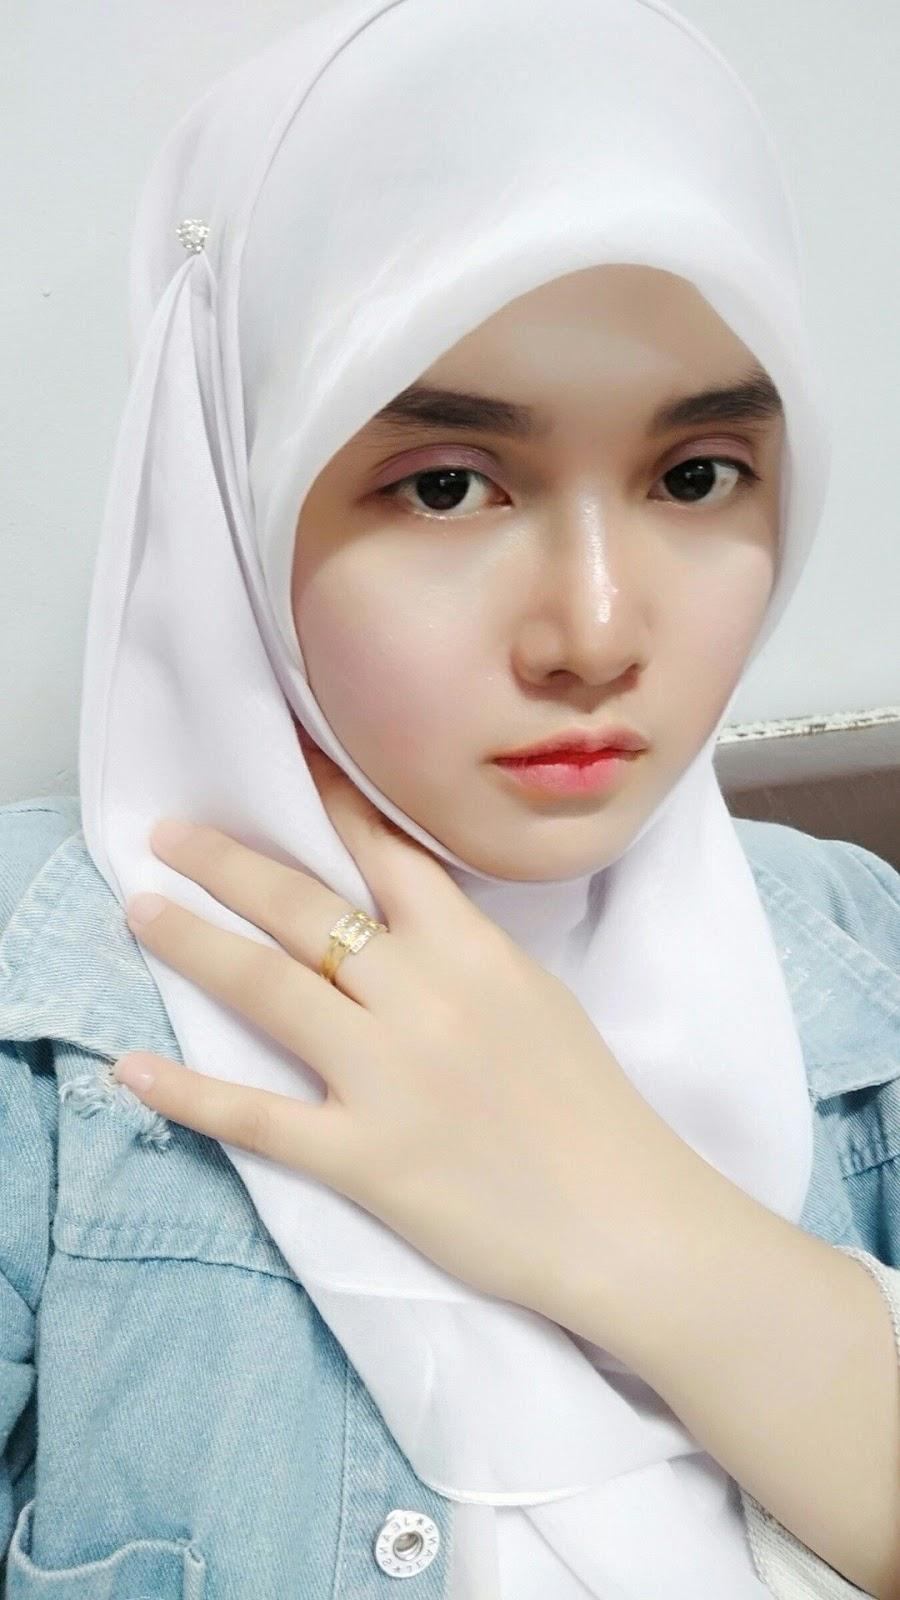 Mahasiswi Cewek Jilbab Selfie cewek manis